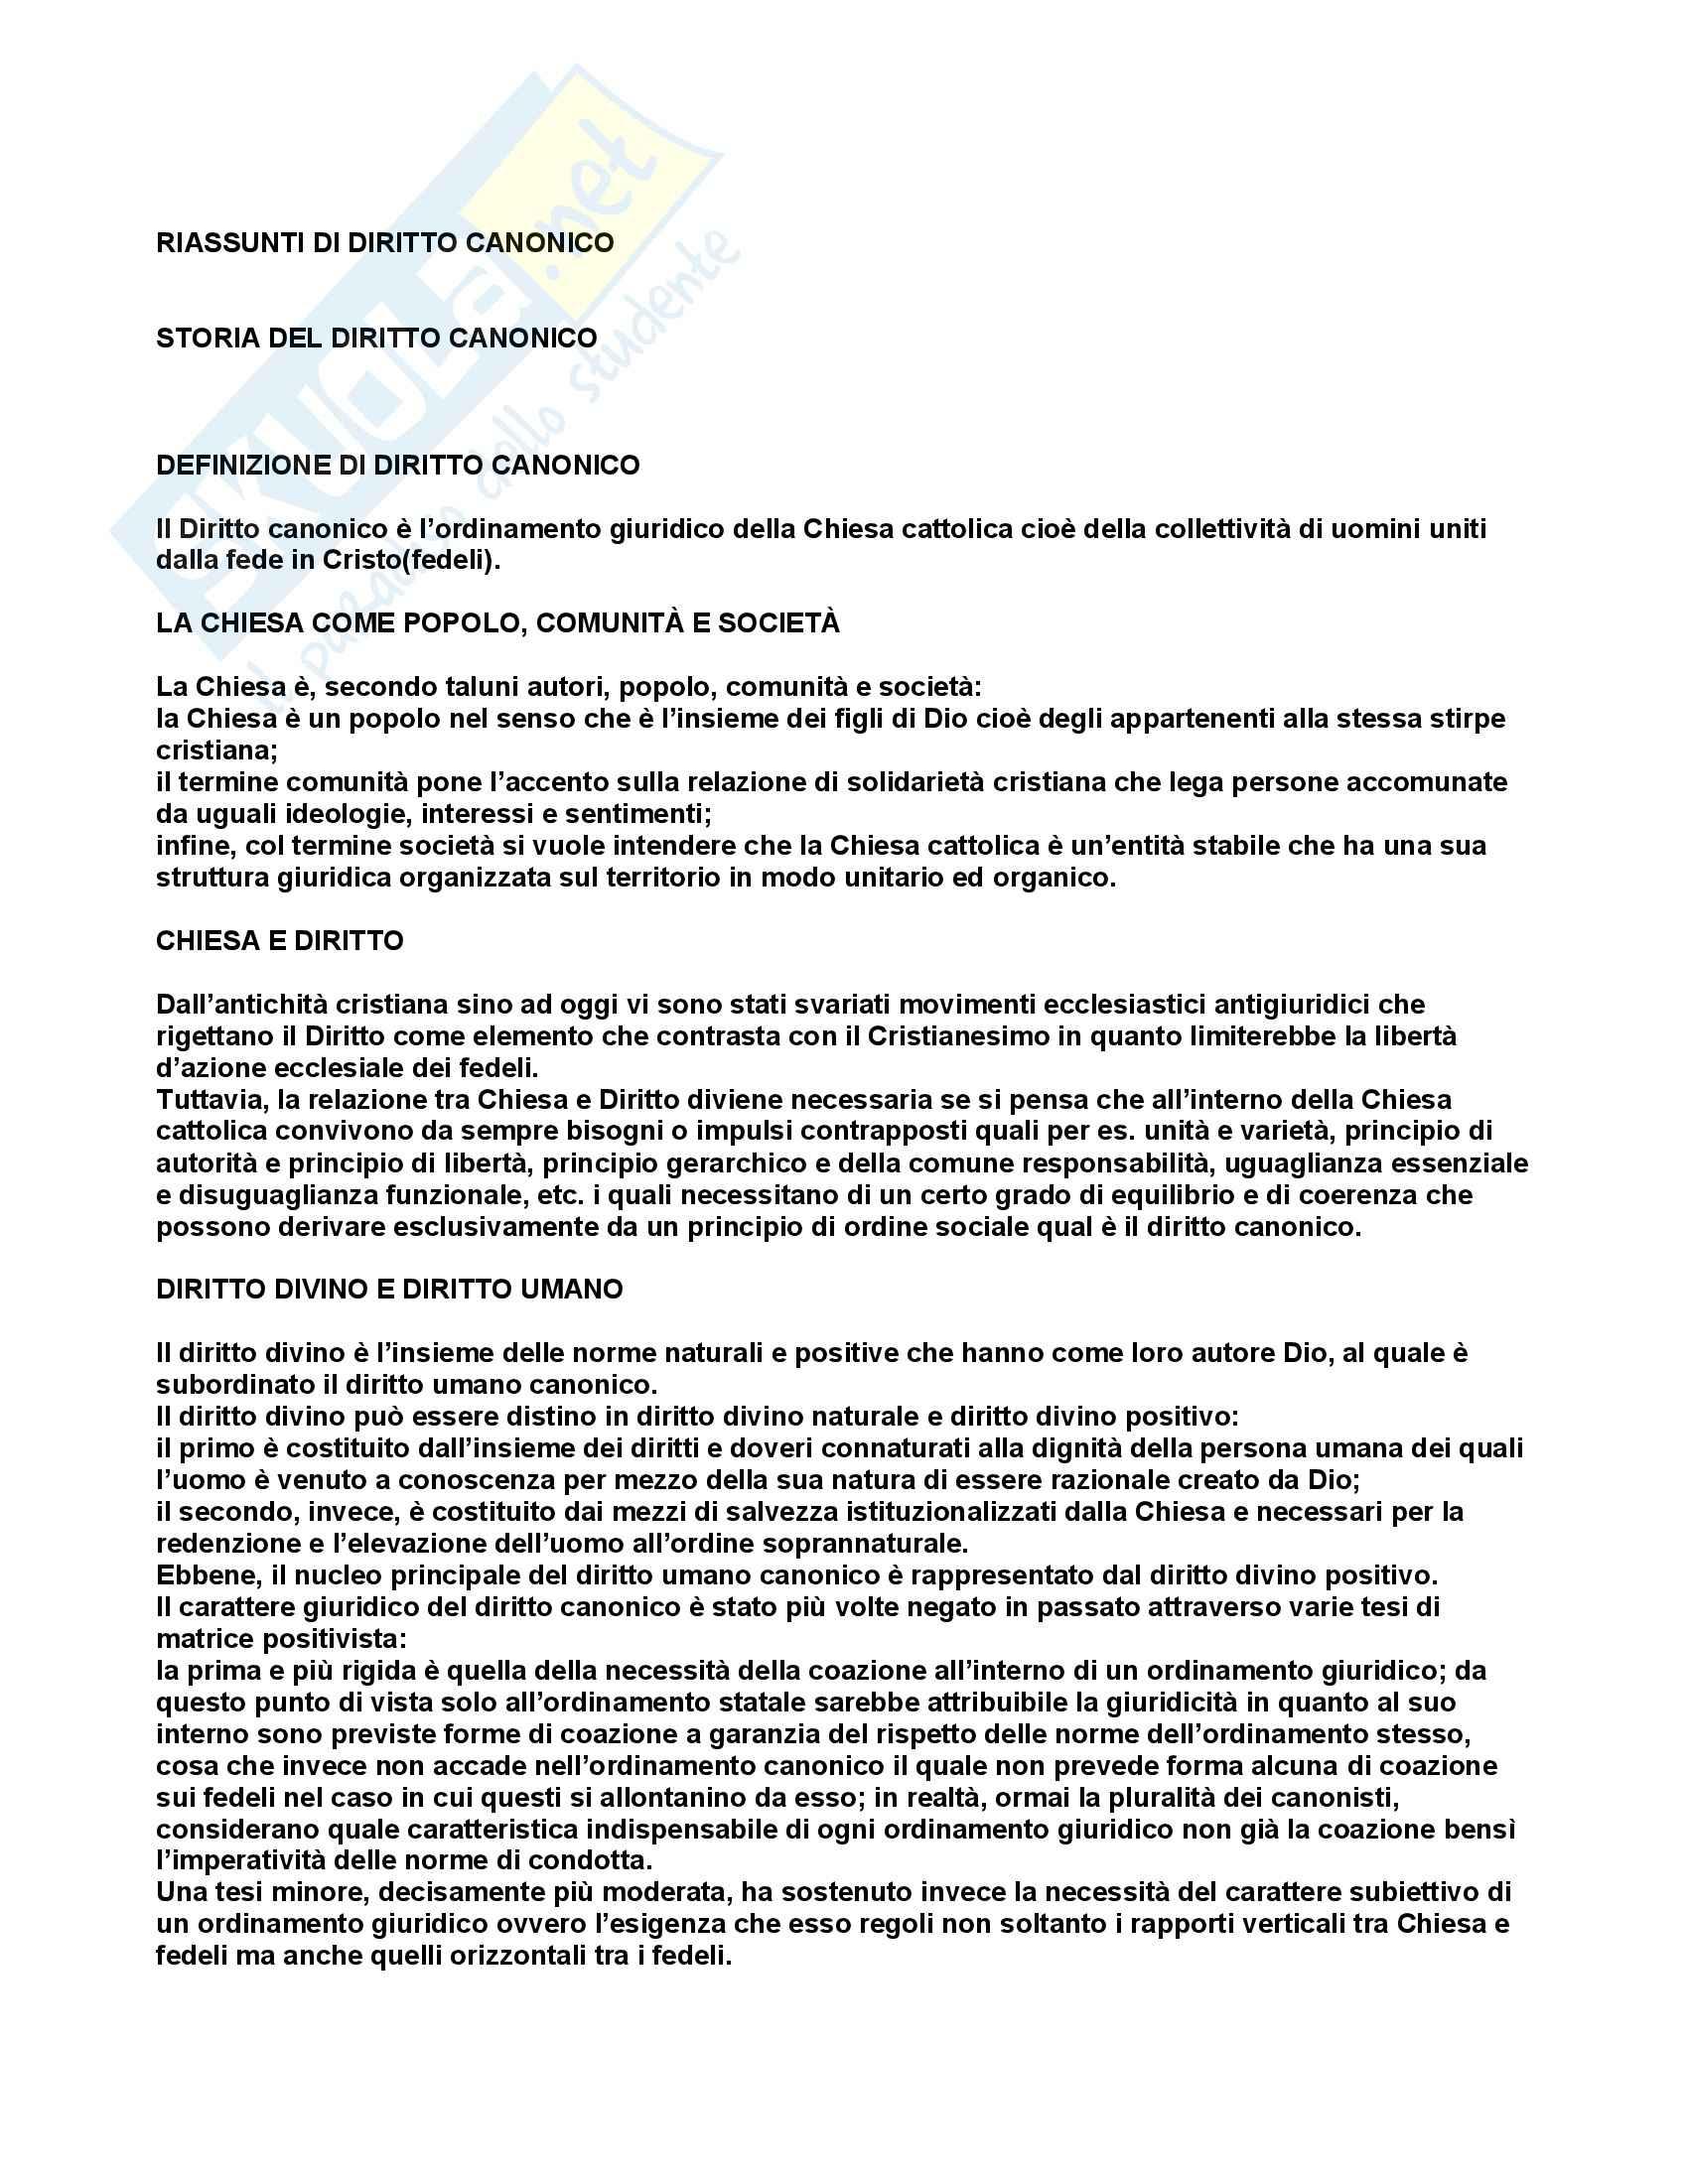 Diritto canonico - Appunti